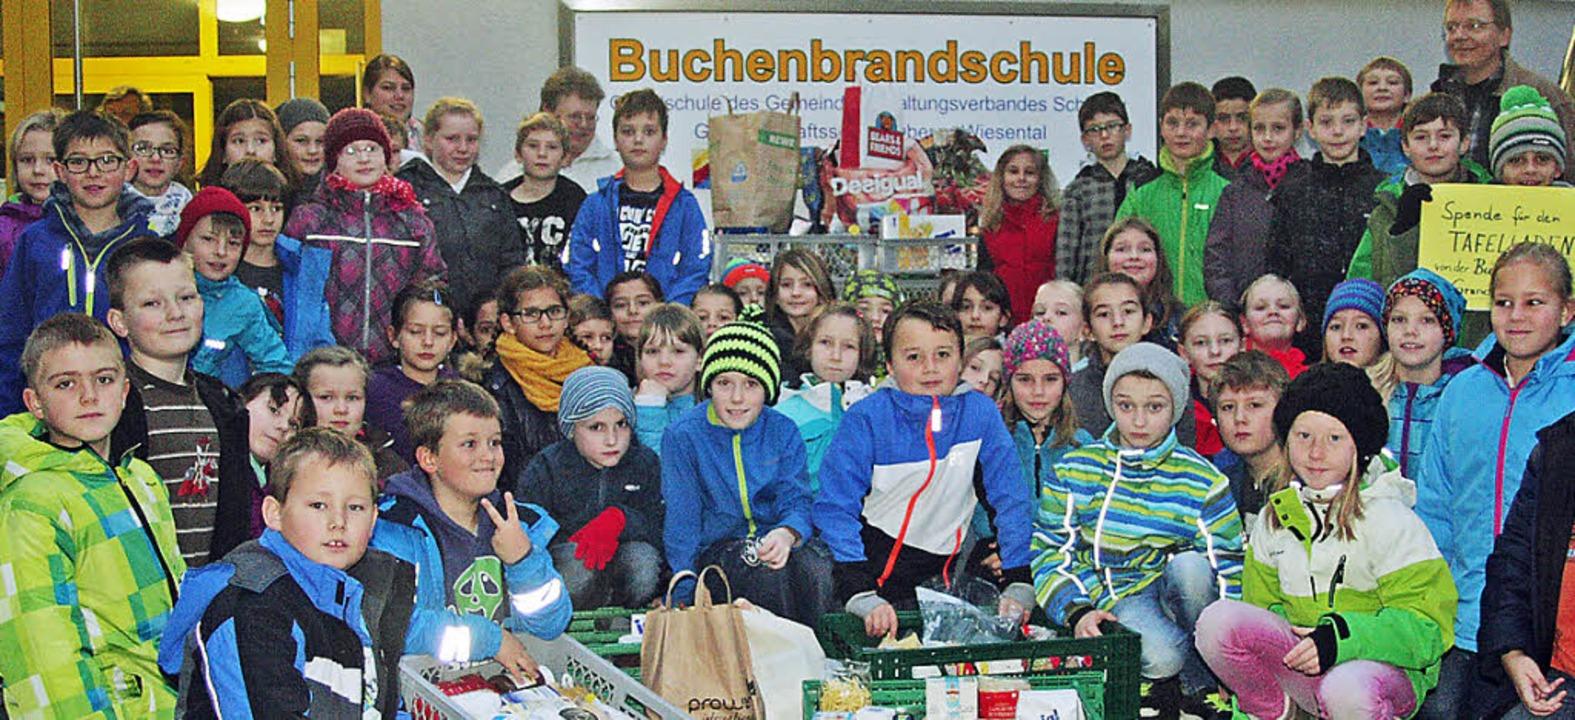 150 Kilogramm Lebensmittel eingesammel...dschüler der Buchenbrandschule Schönau    Foto: zvg